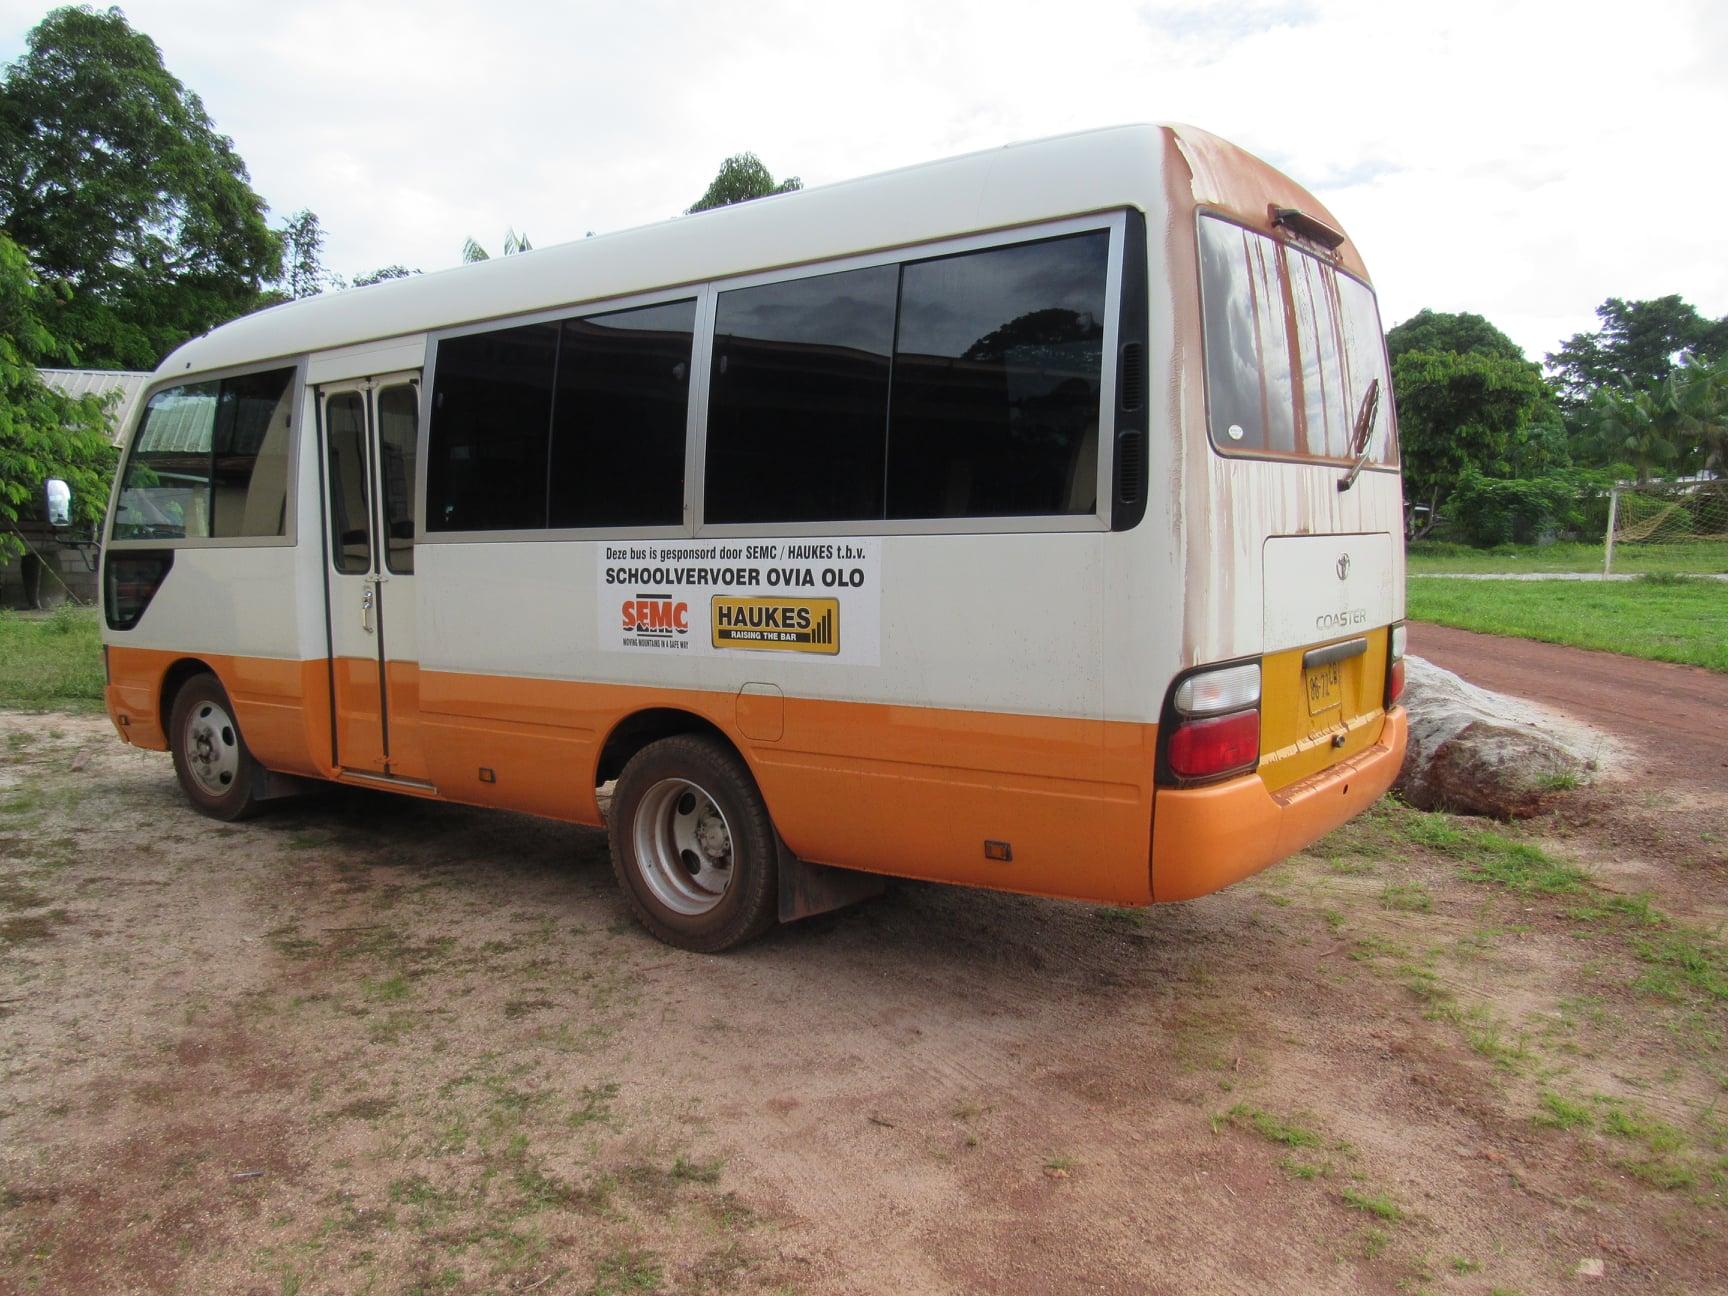 Haukes-NV-in-samenwerking-met-SEMC-NV--donatie-van-een-bus-t-b-v-schoolvervoer-Ovia-Olo-dorp-in-het-ressort-Patamacca-in-district-Marowijne-(1)